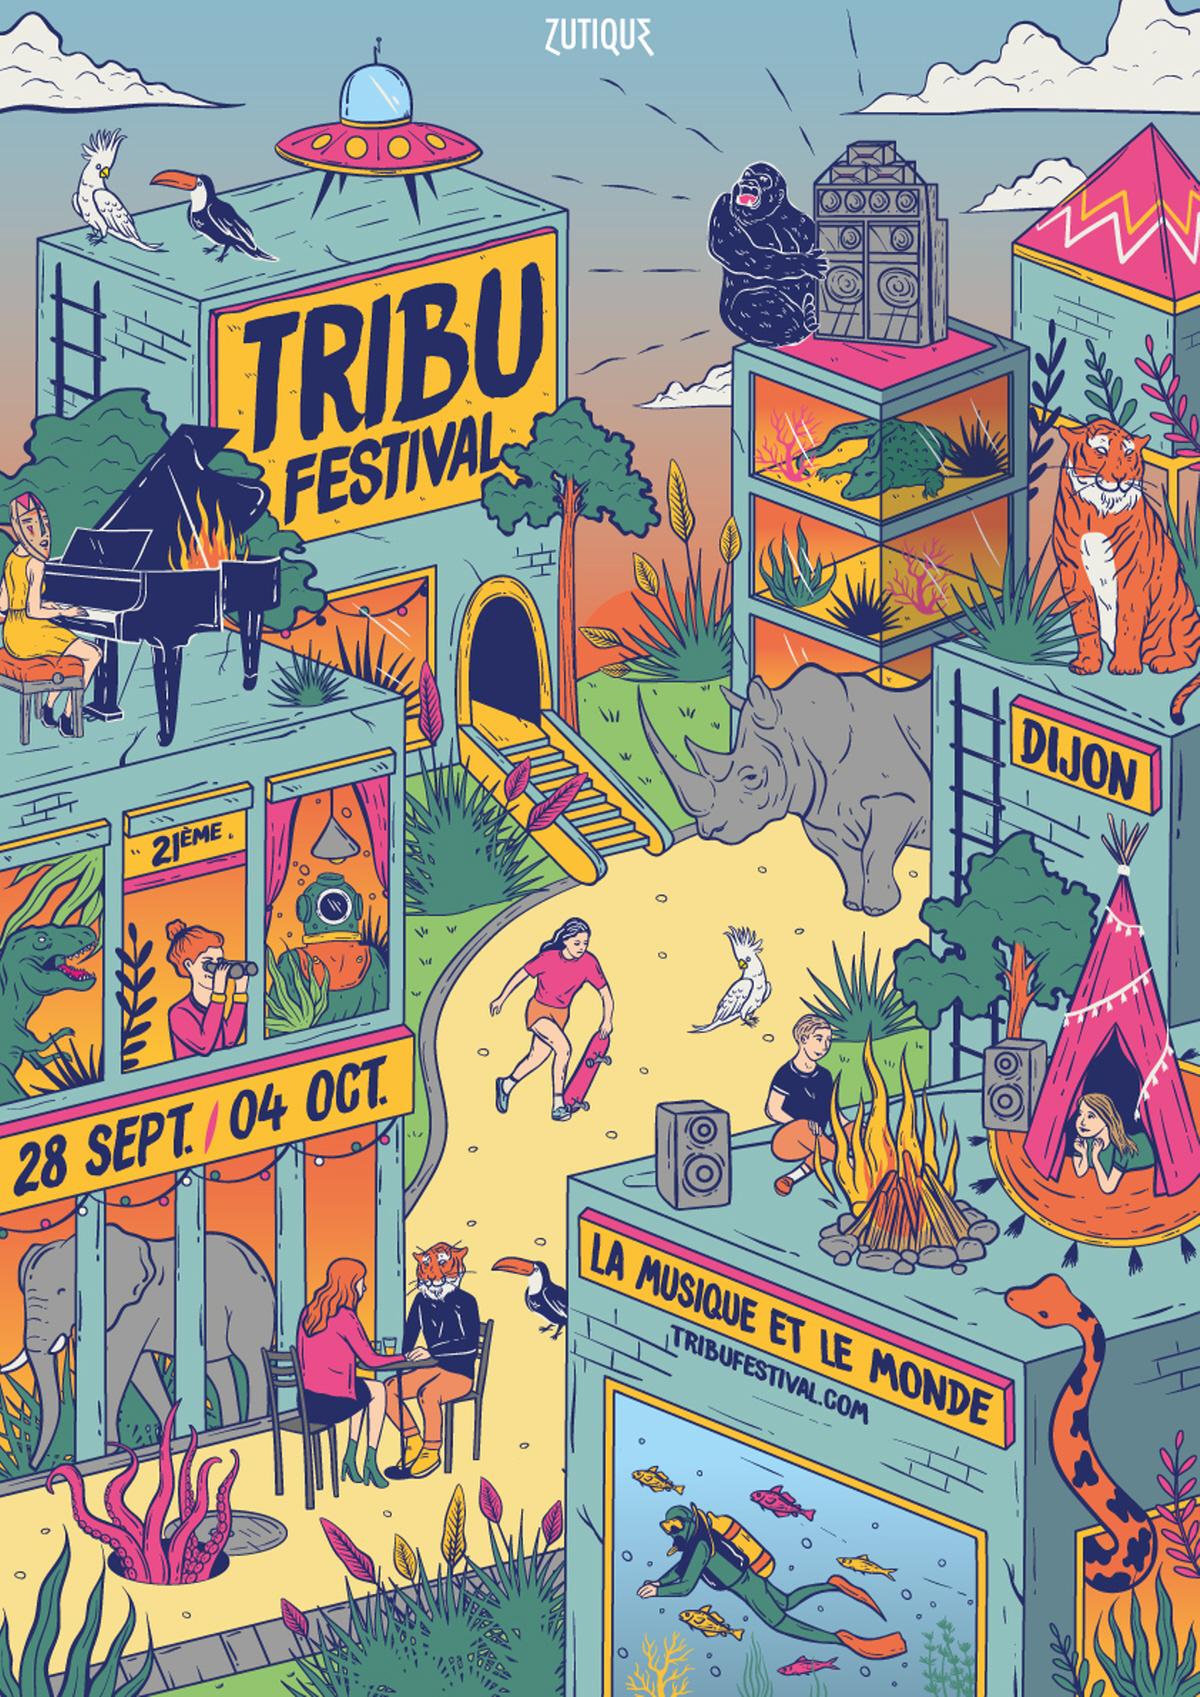 Illustration pour le Tribu Festival de 2020